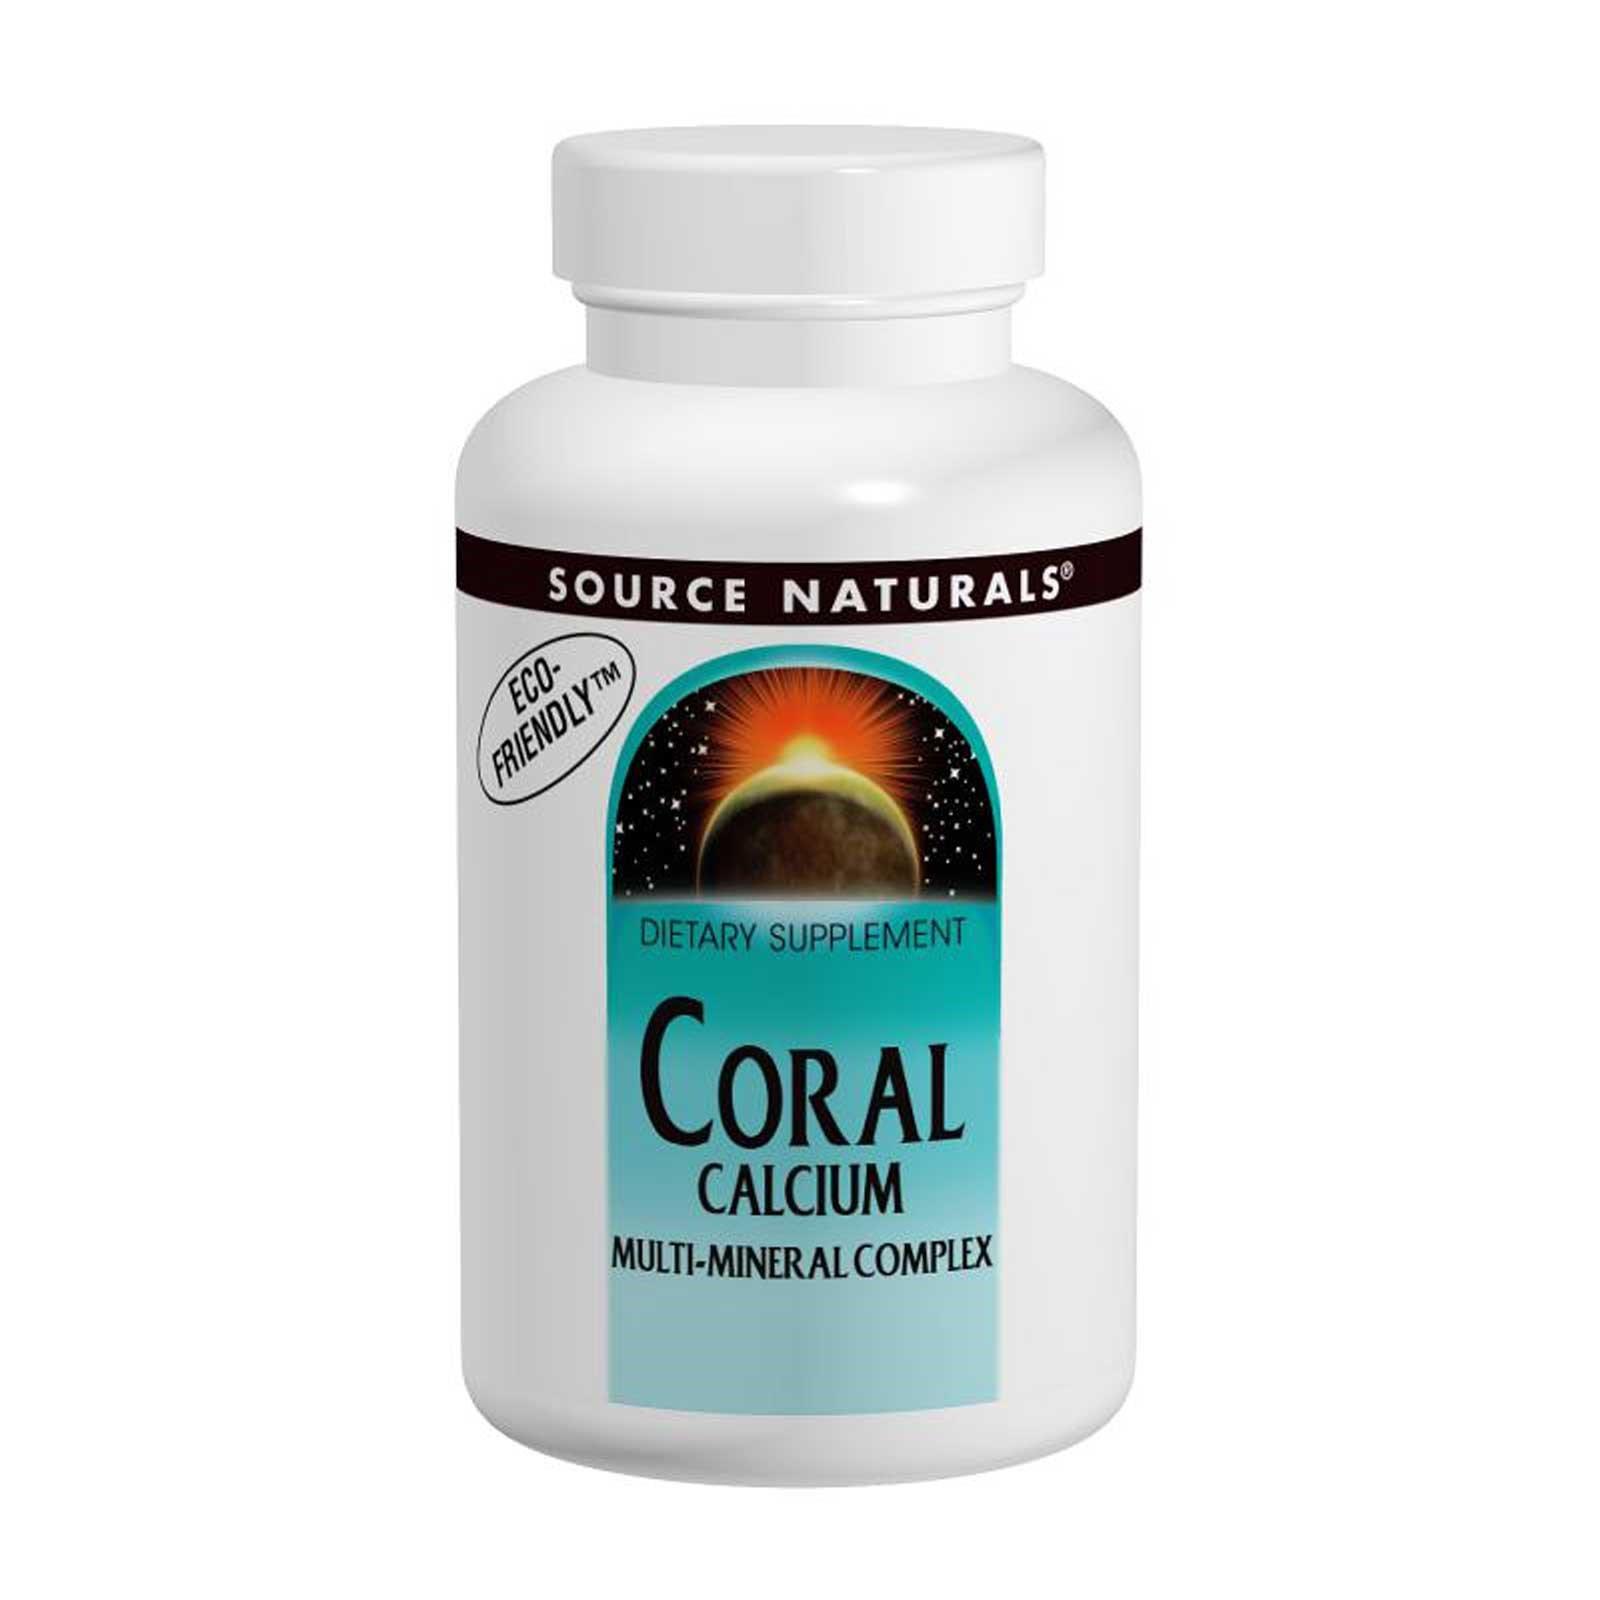 Source Naturals, Коралловый кальций, мультиминеральный комплекс, 120 таблеток